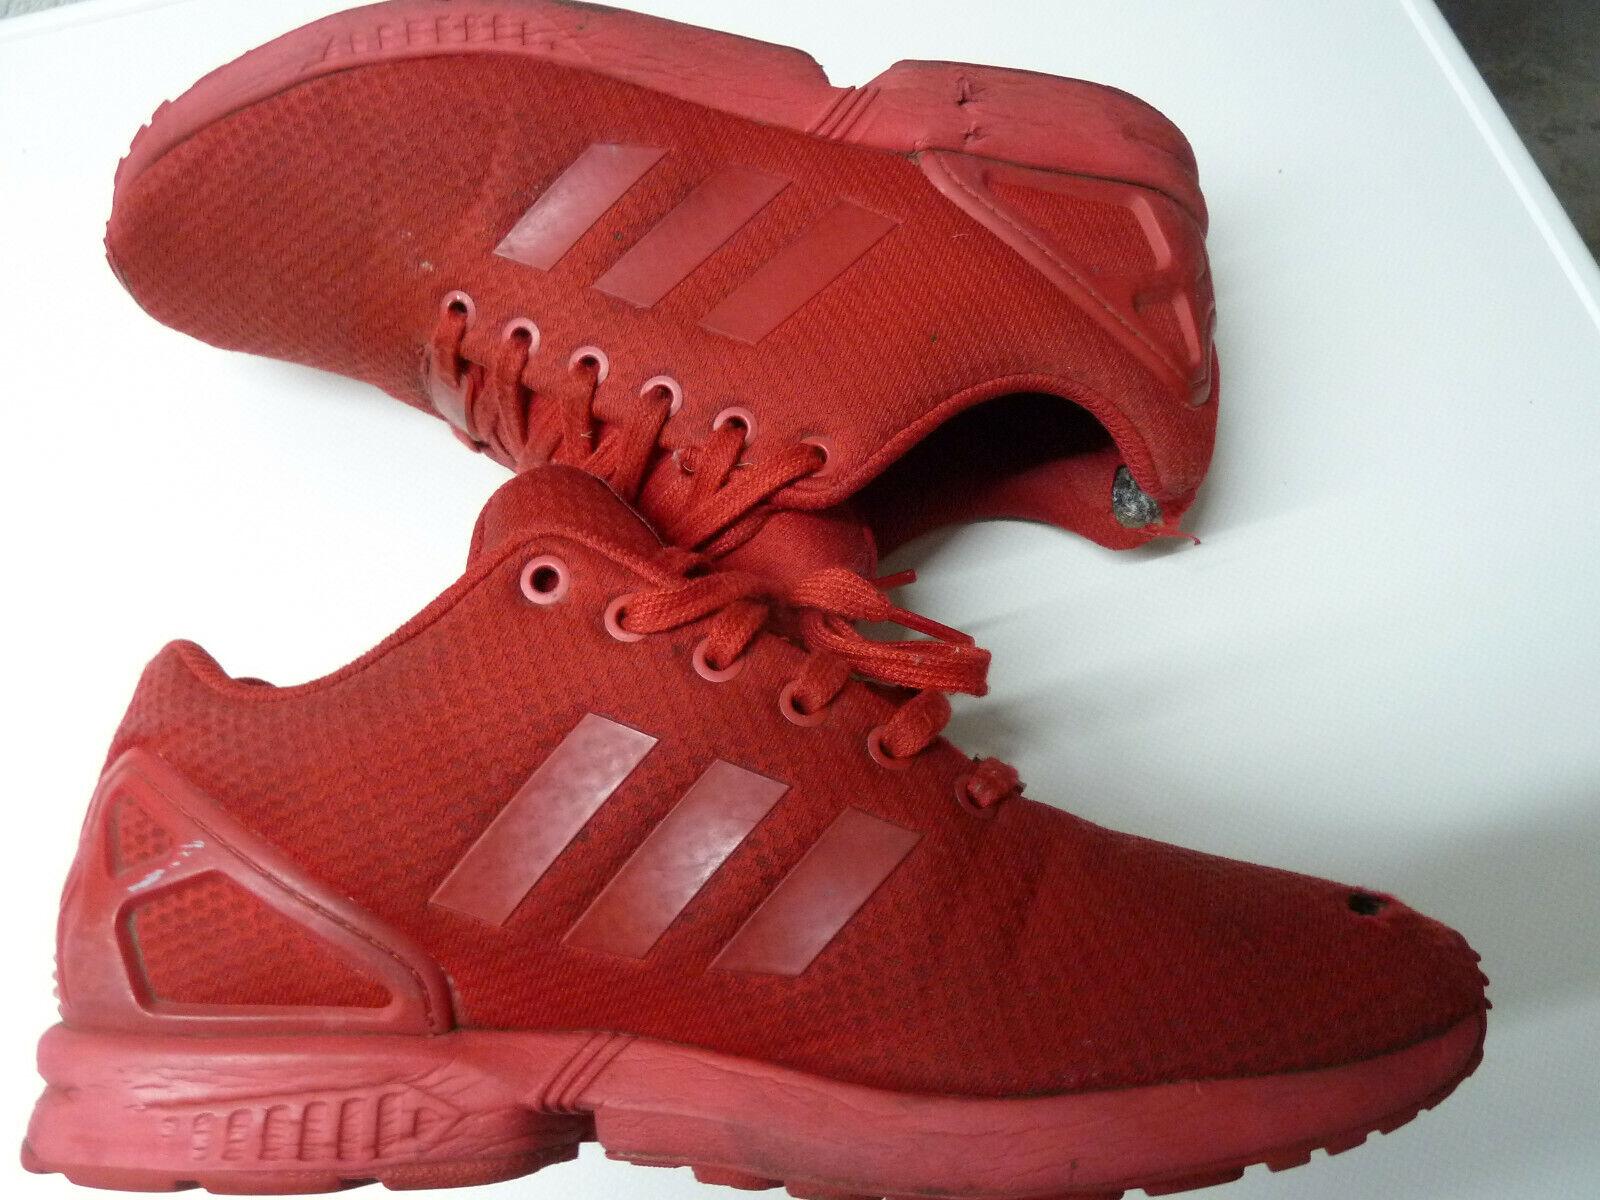 Adidas ZX Flux Torsion Size 43,5 US 9,5 27,5 CM ITEM   S78344 Red